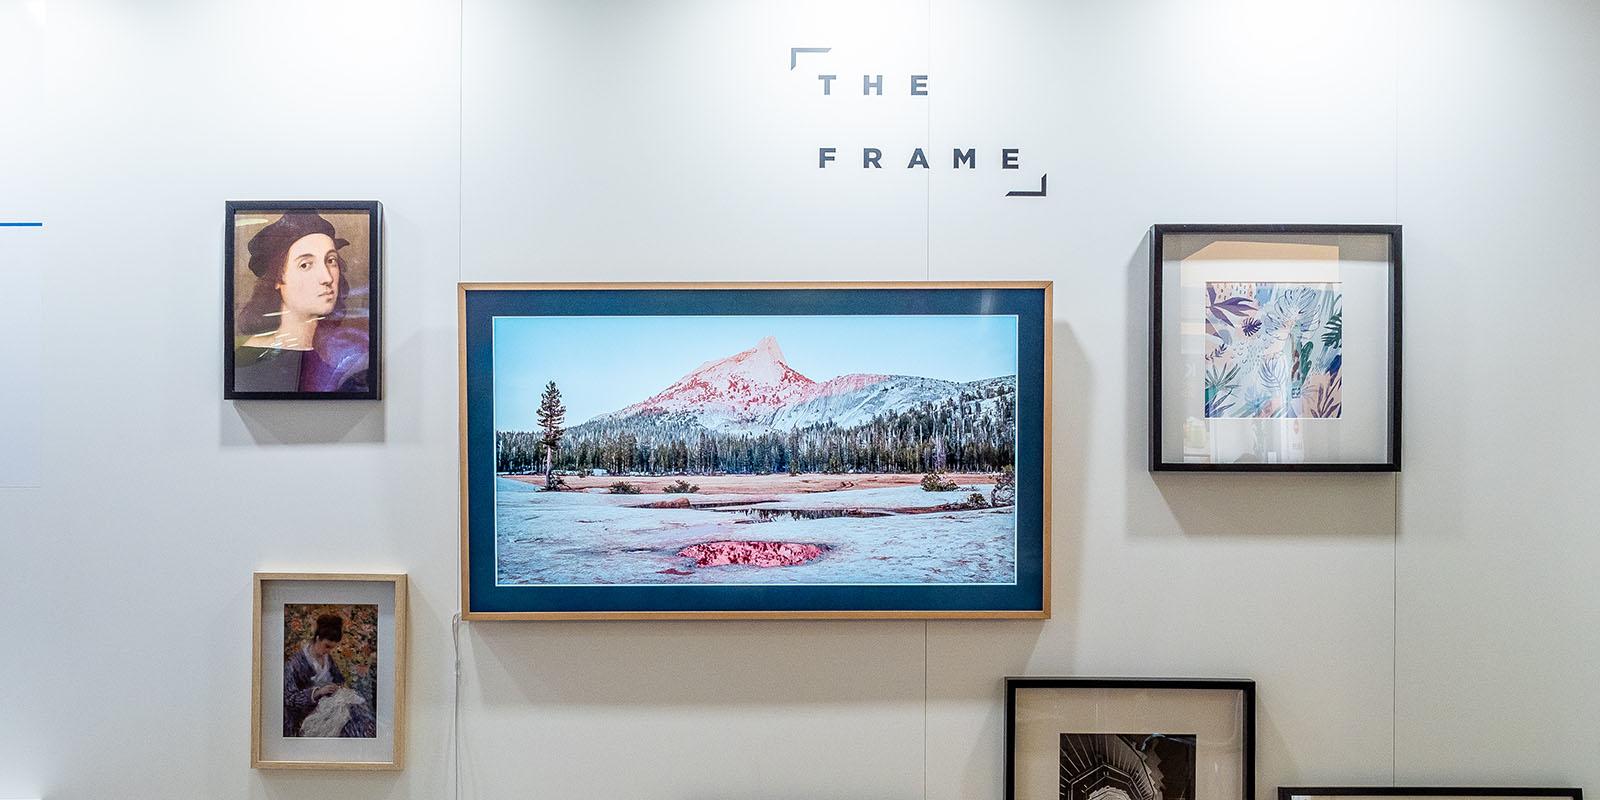 Samsung The Frame 2018: Dieser bildhübsche Design-Fernseher hat ...